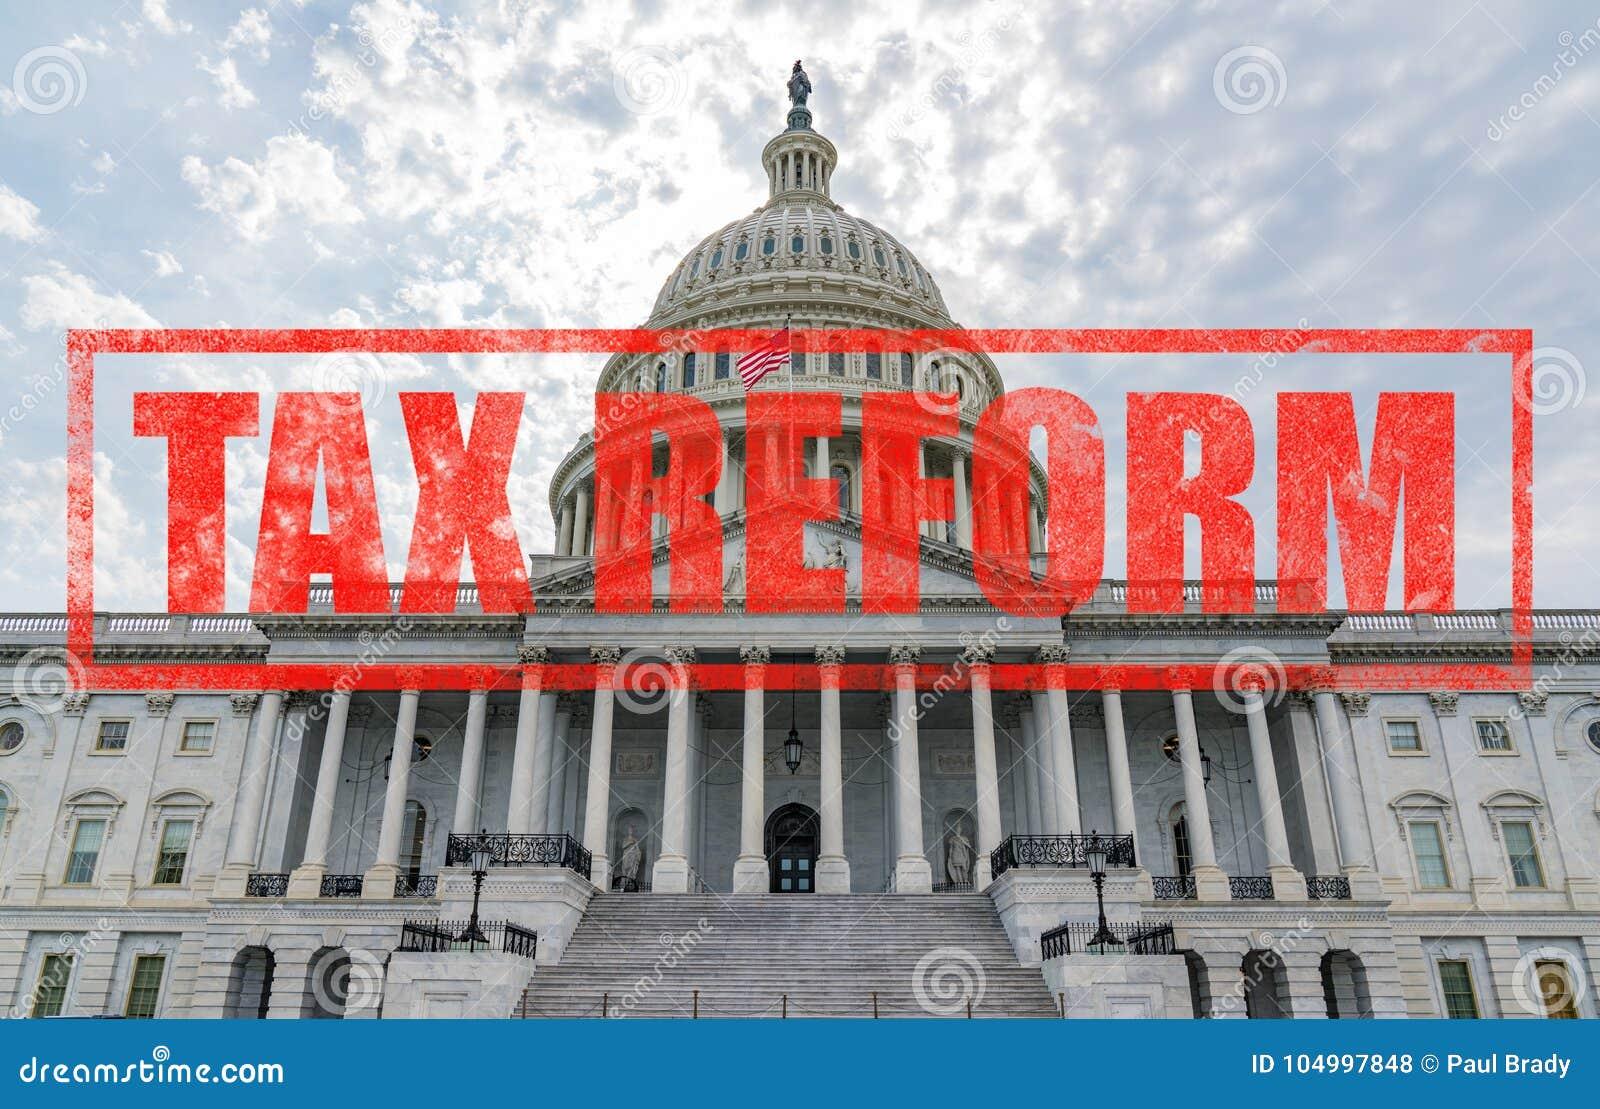 Kapitol-Steuerreform Vereinigter Staaten